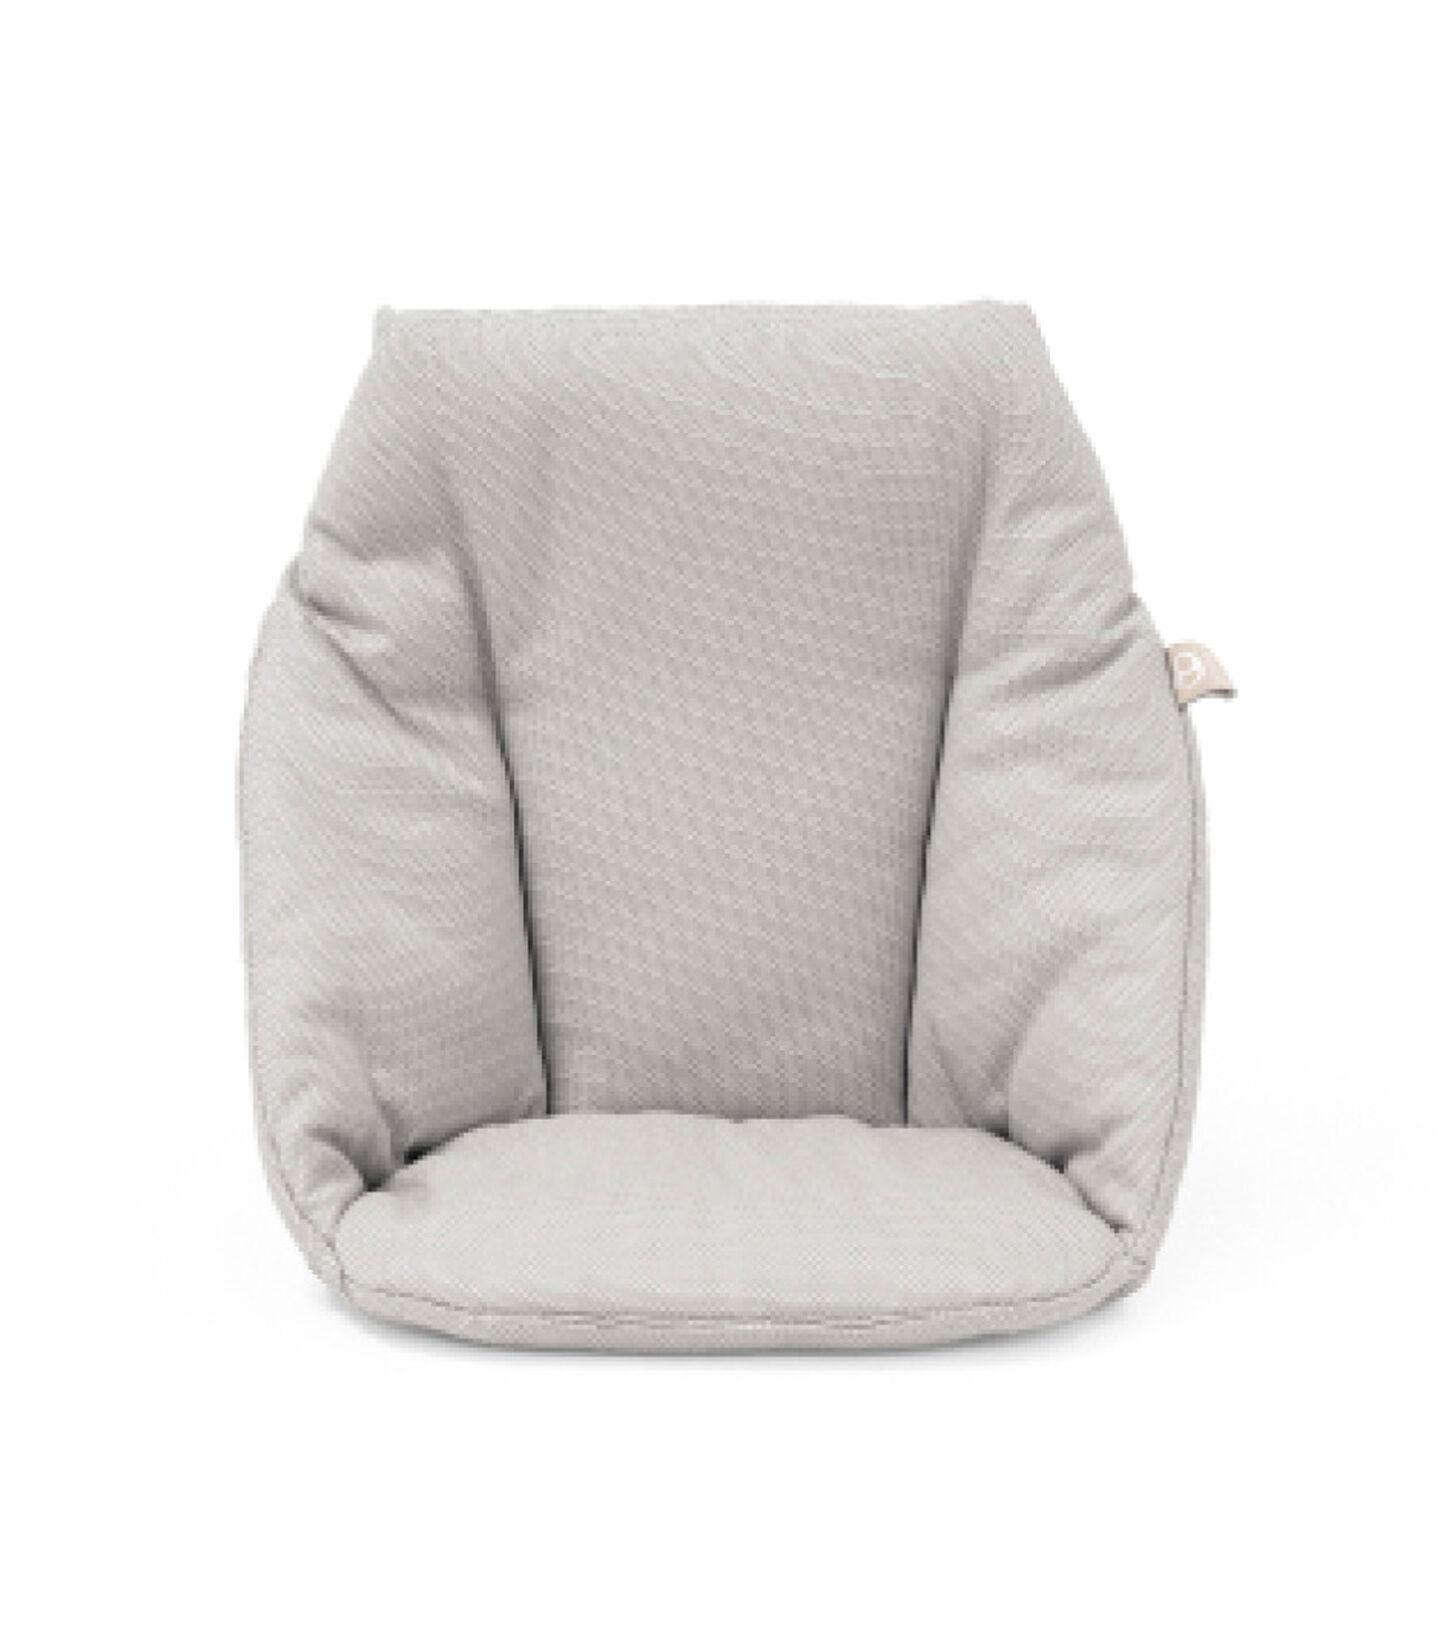 Tripp Trapp® Baby Cushion Timeless Grey OCS, Ponadczasowa szarość, mainview view 1